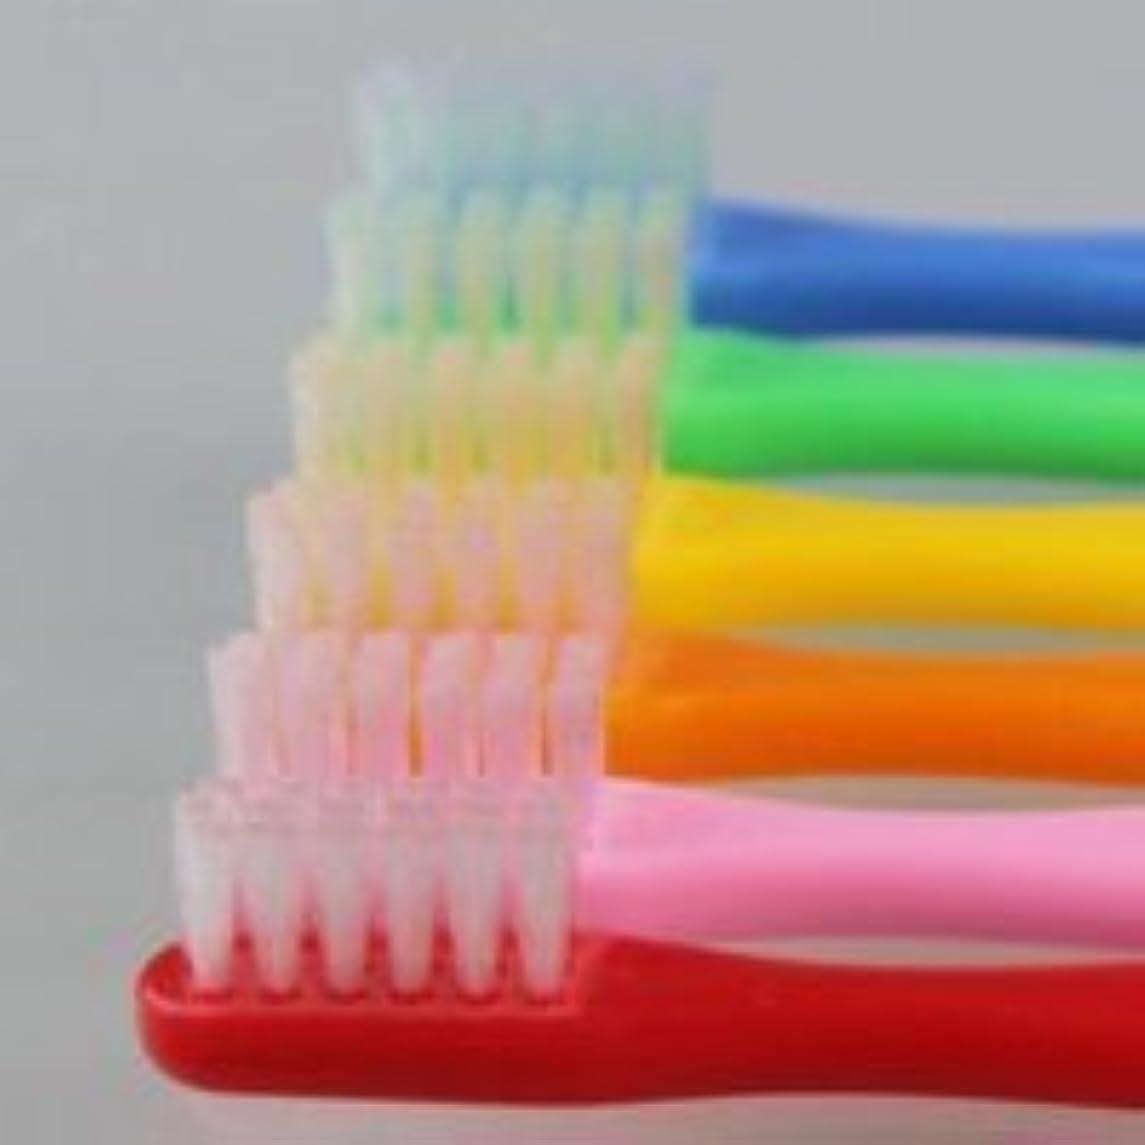 悔い改める白いボウルサムフレンド 歯ブラシ #10(乳歯~6才向け) 6本 ※お色は当店お任せです